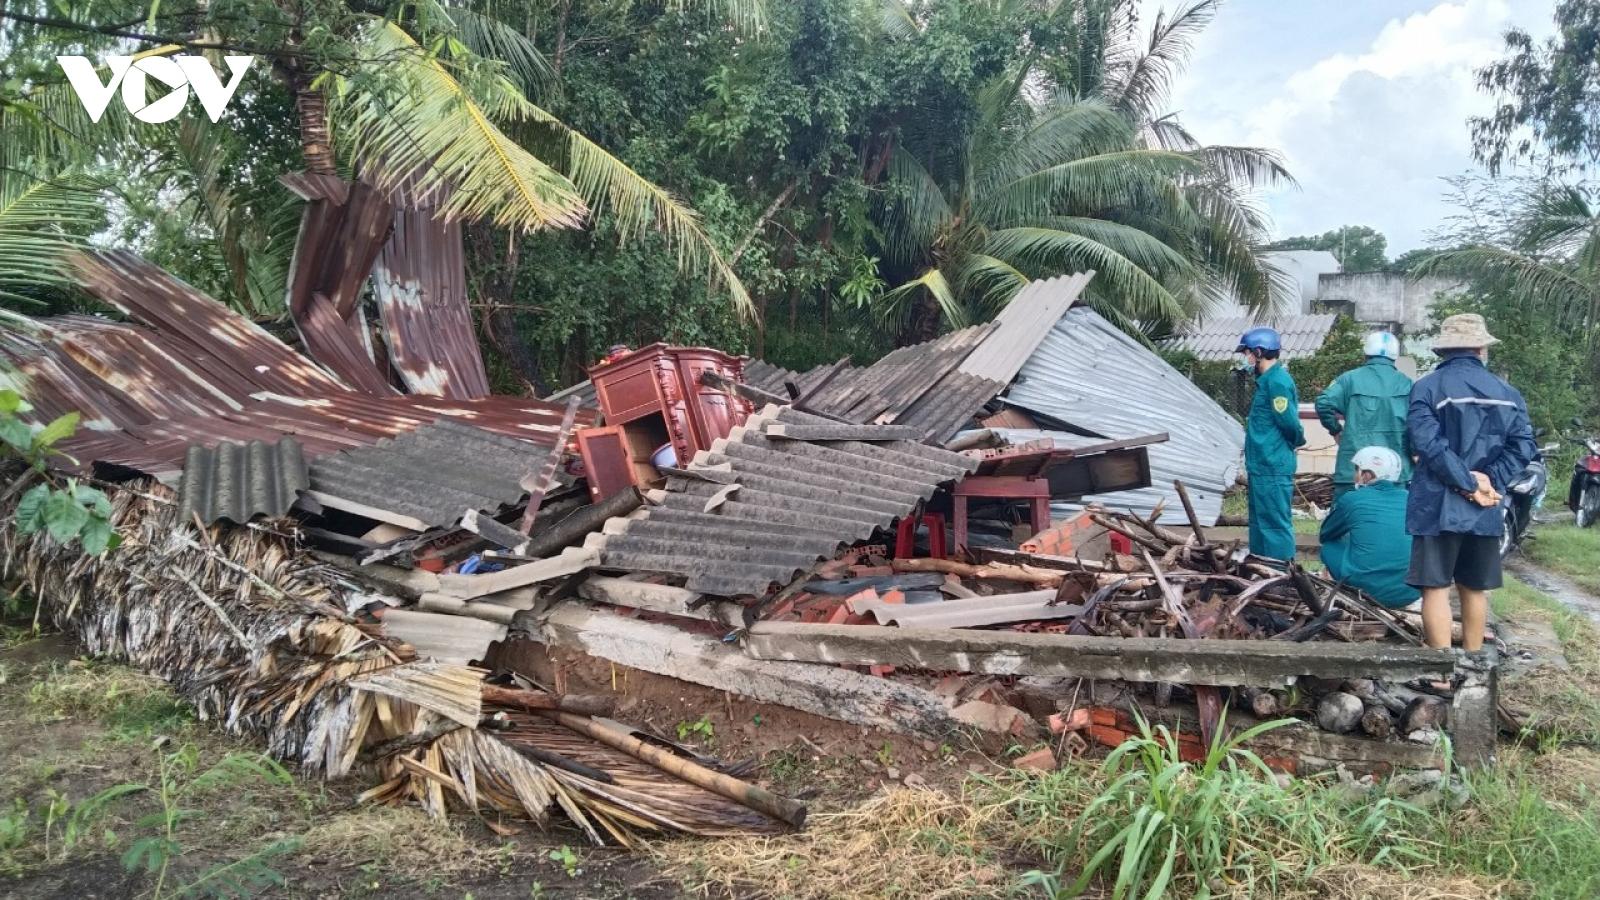 Thiên tai tiếp tục gây thiệt hại, nhiều hộ dân tại Bến Tre gặp khó khăn về nơi ở